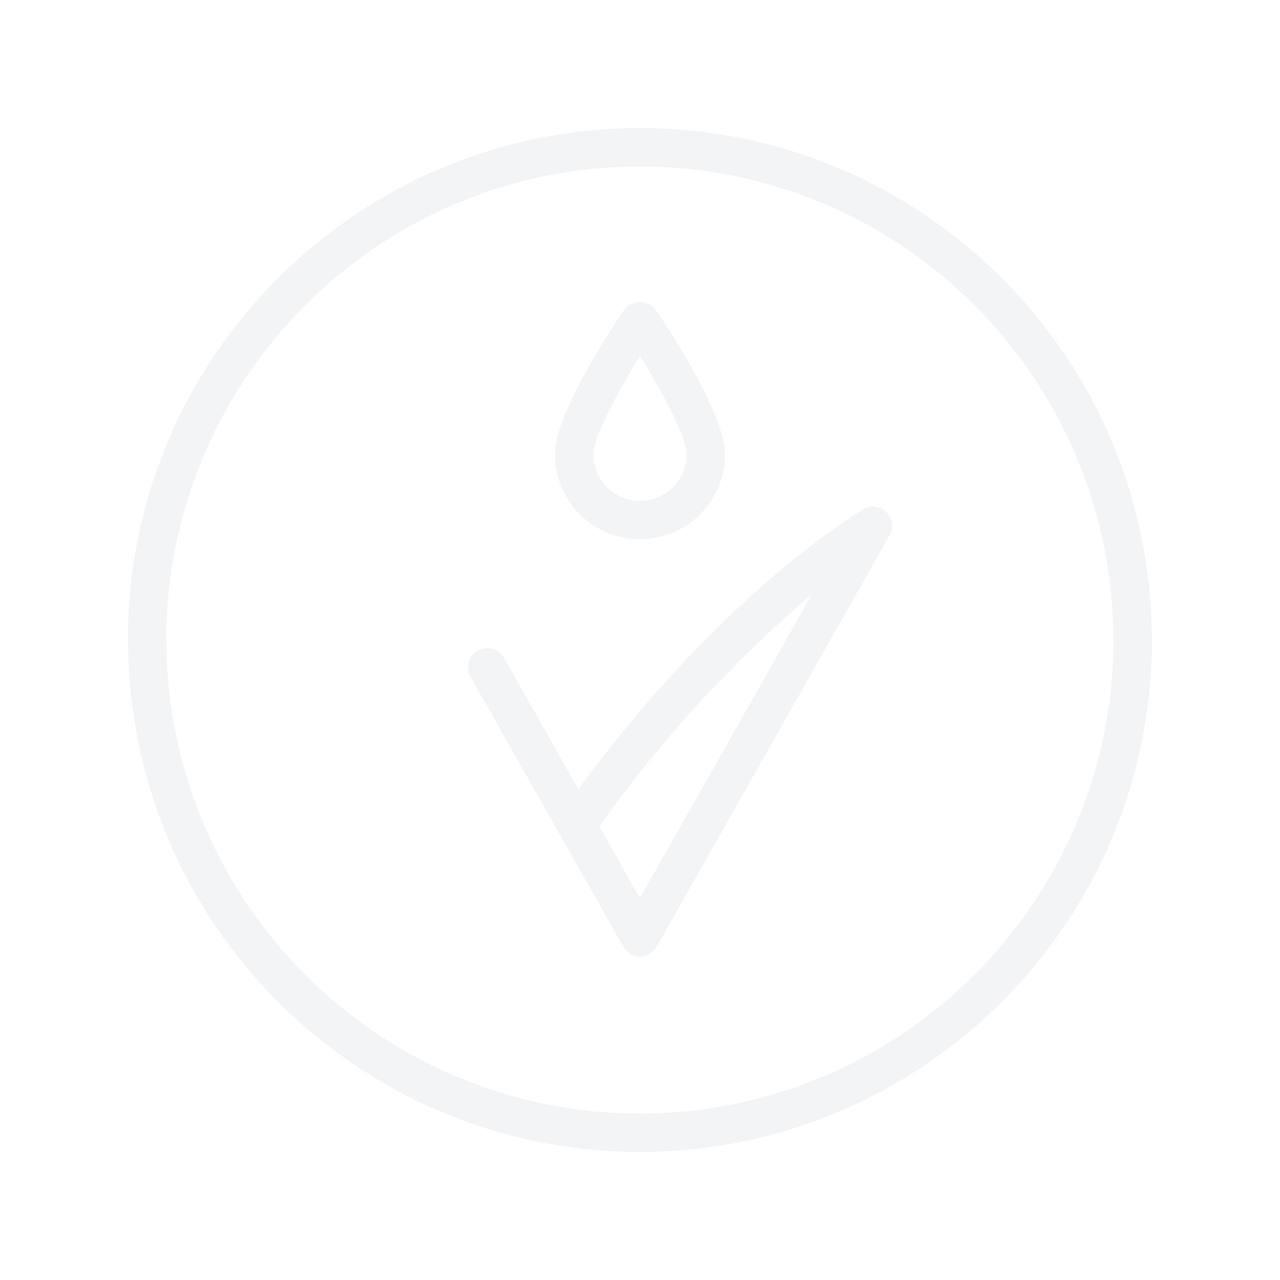 ALESSANDRO Nail Polish No.915 Just Joy 5ml